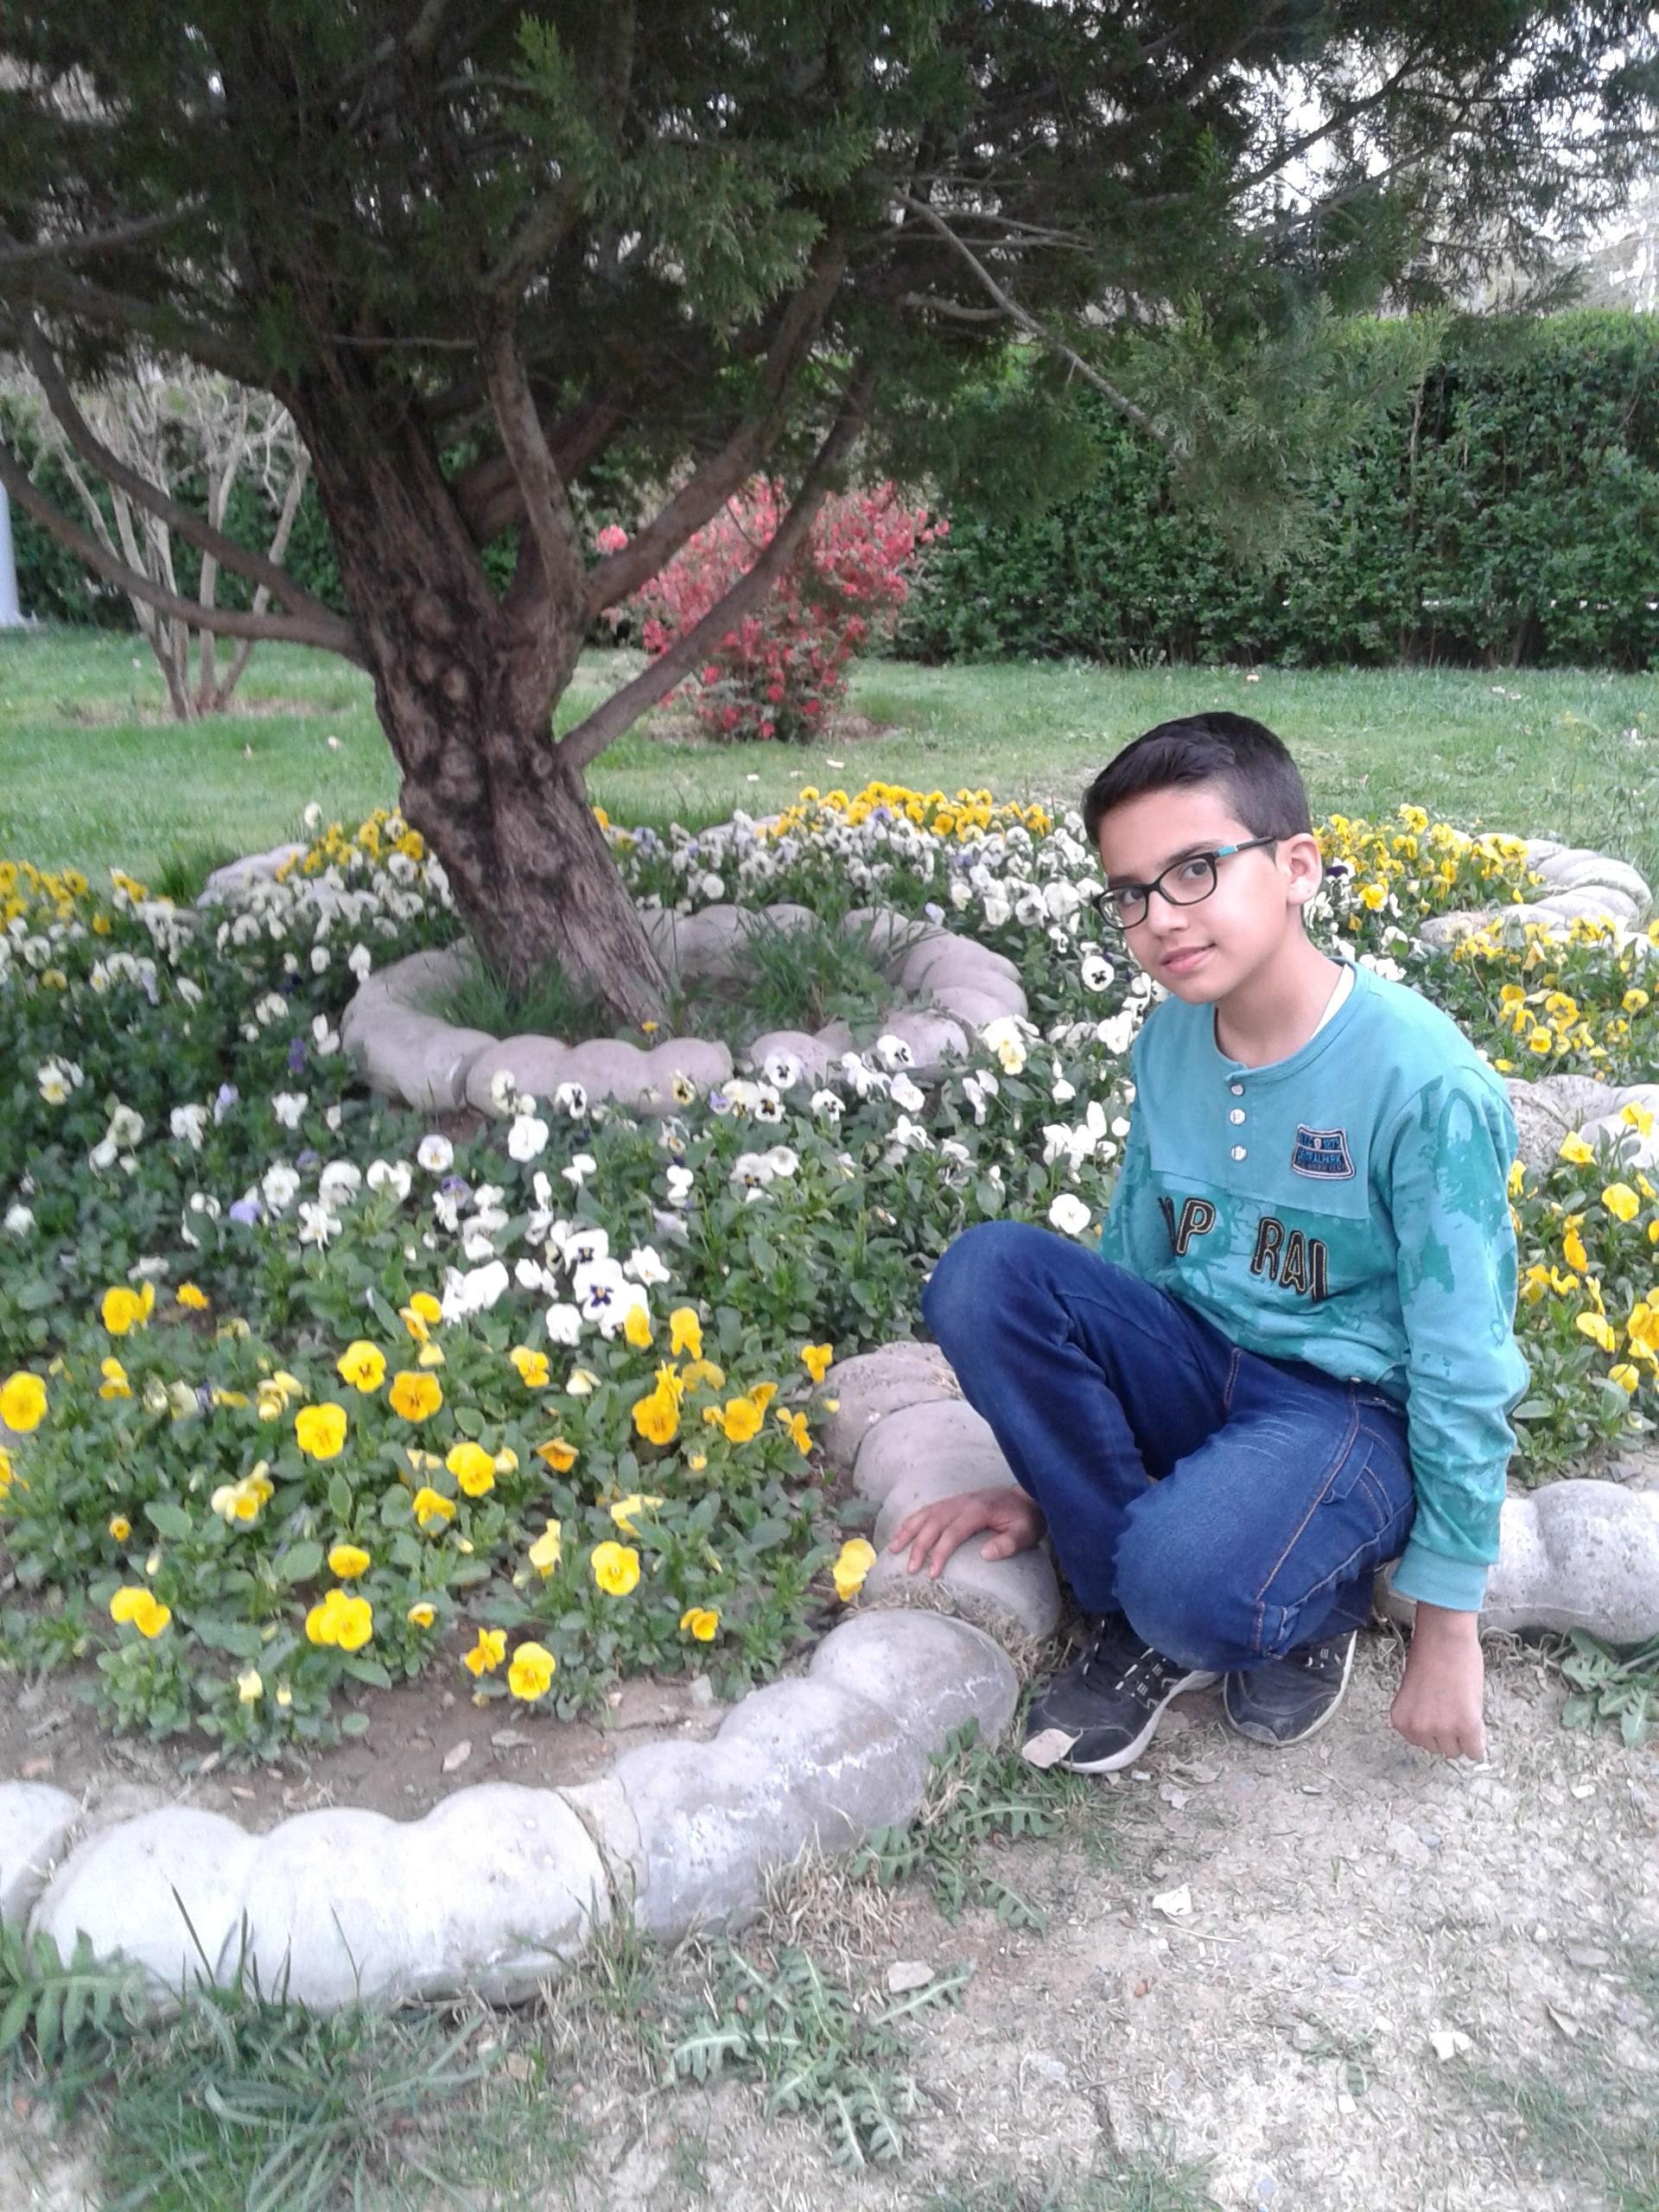 حضور خود را با صلوات بر محمد و آل محمد به ثبت برسانيد 1